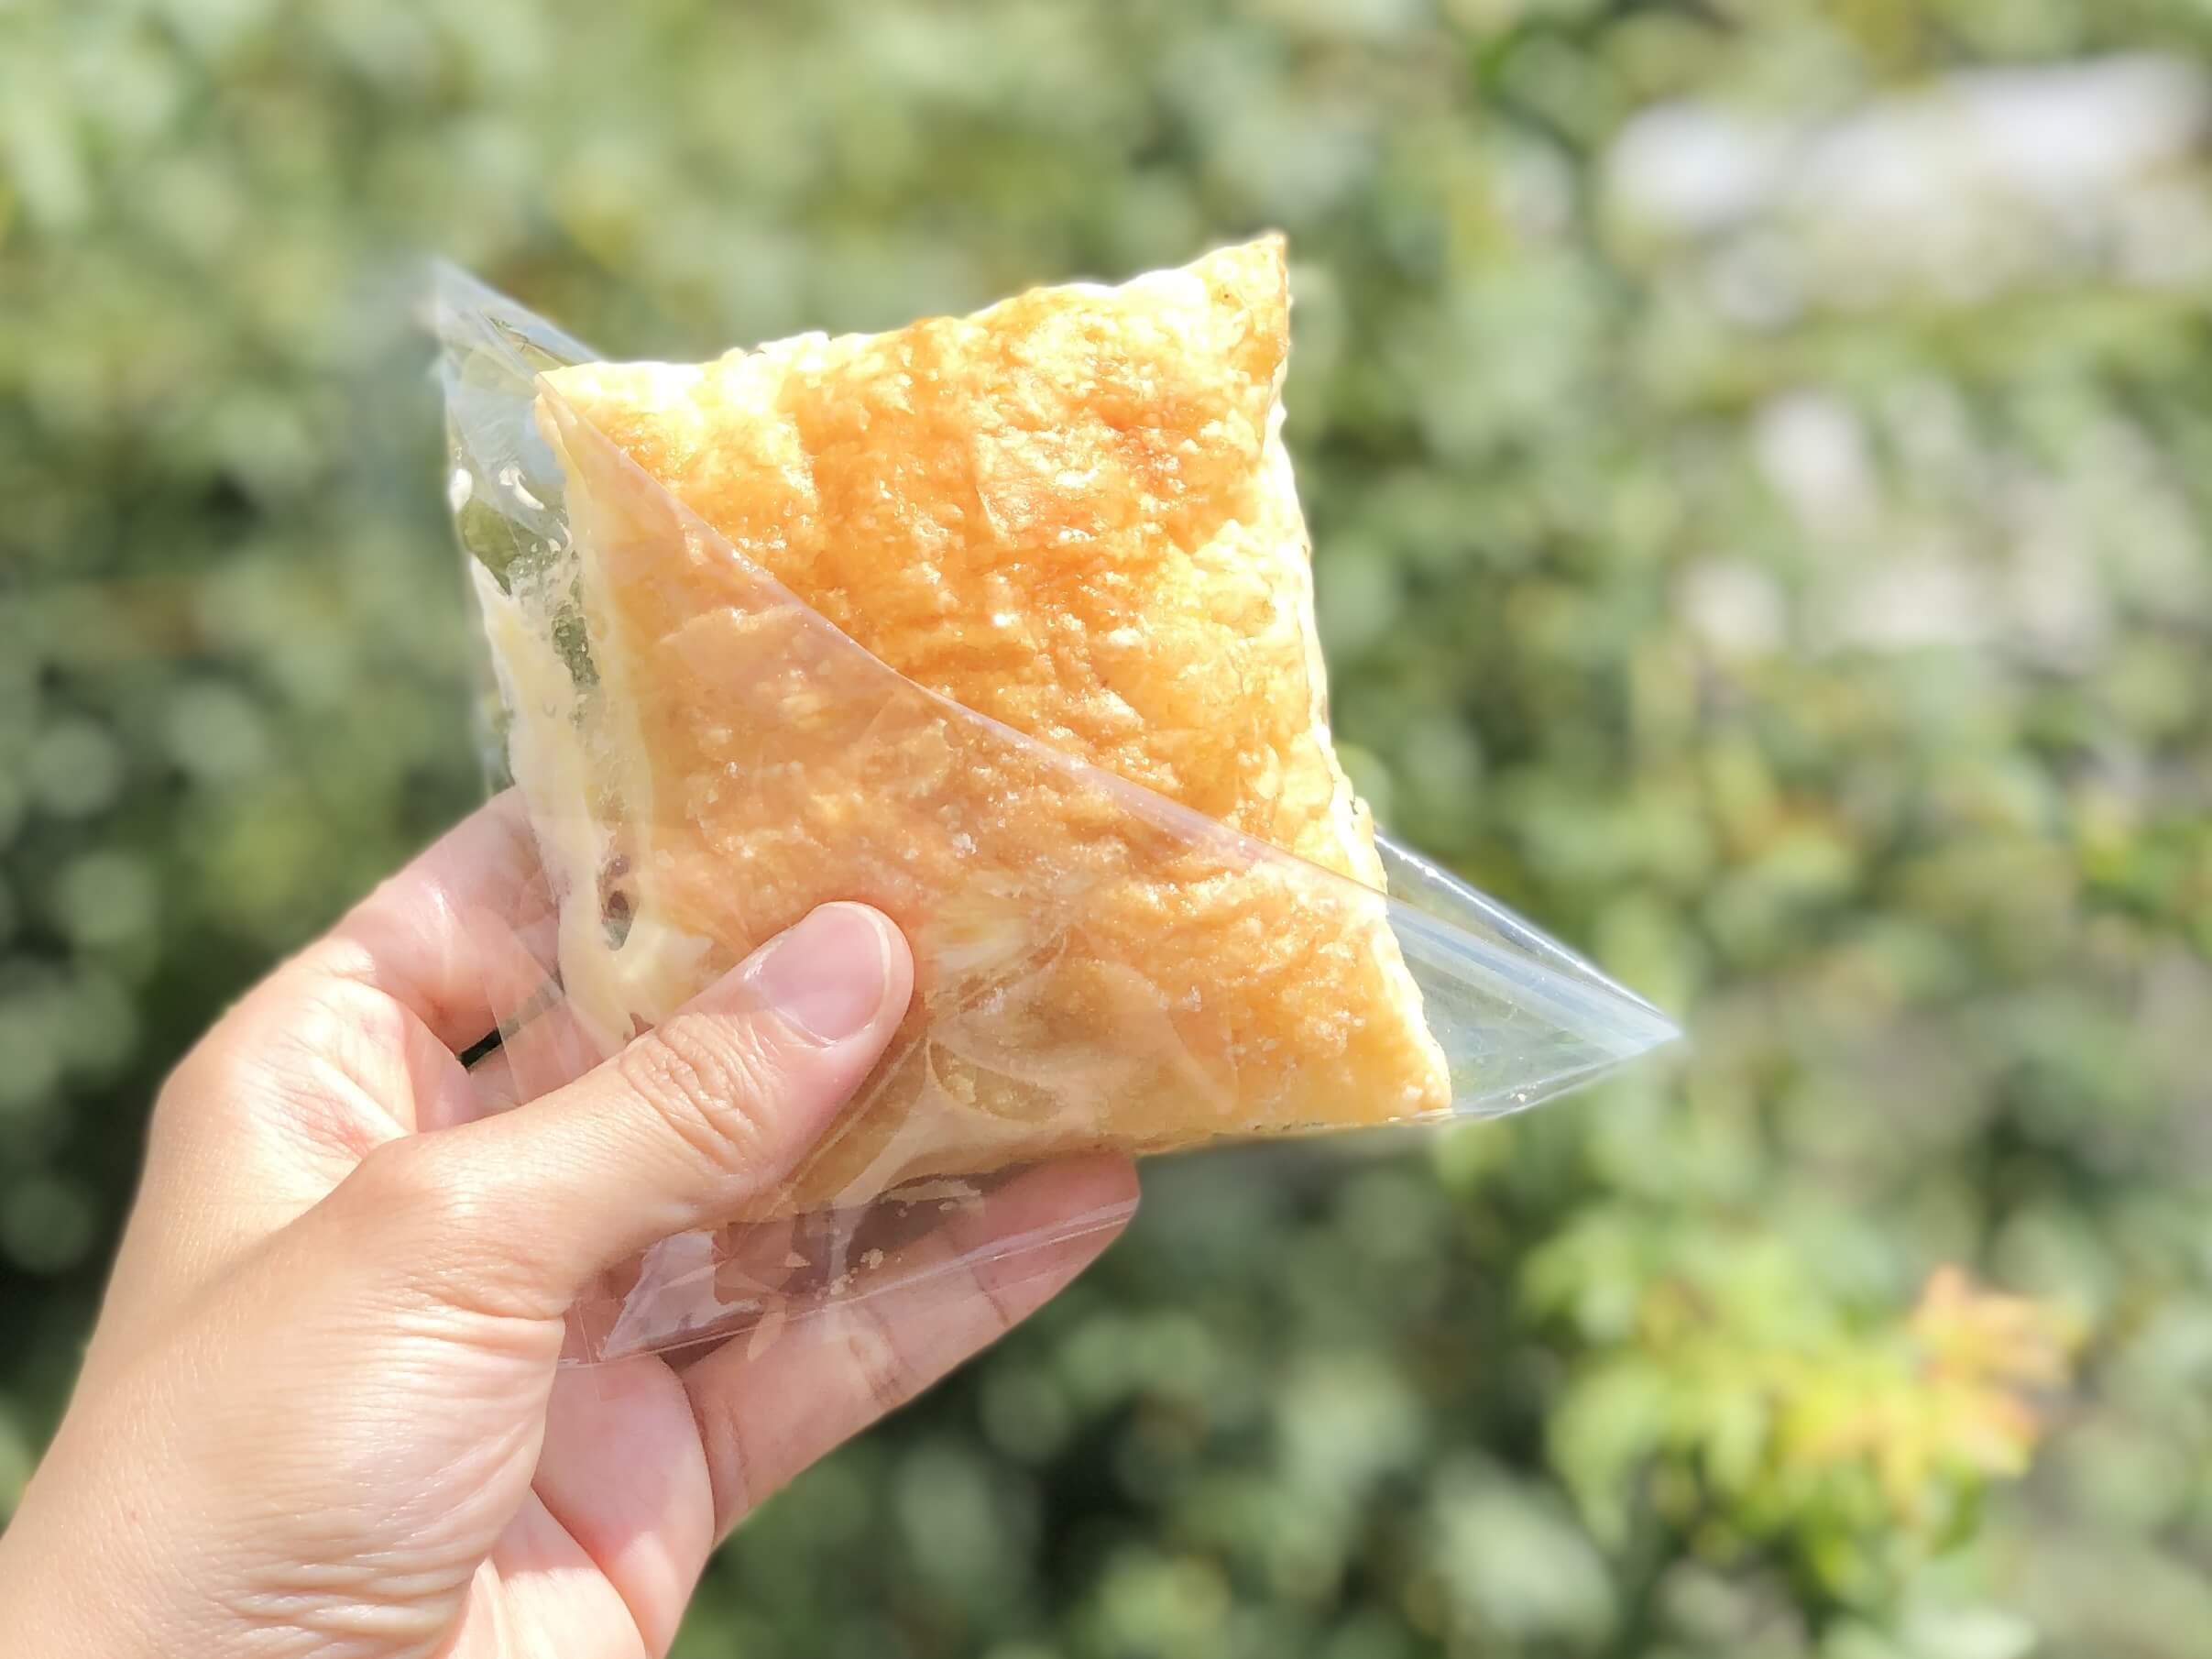 【菓心なかむら – 阿蘇市黒川 – 】道の駅阿蘇の近く!一度は食べてほしい人気の石畳パイ